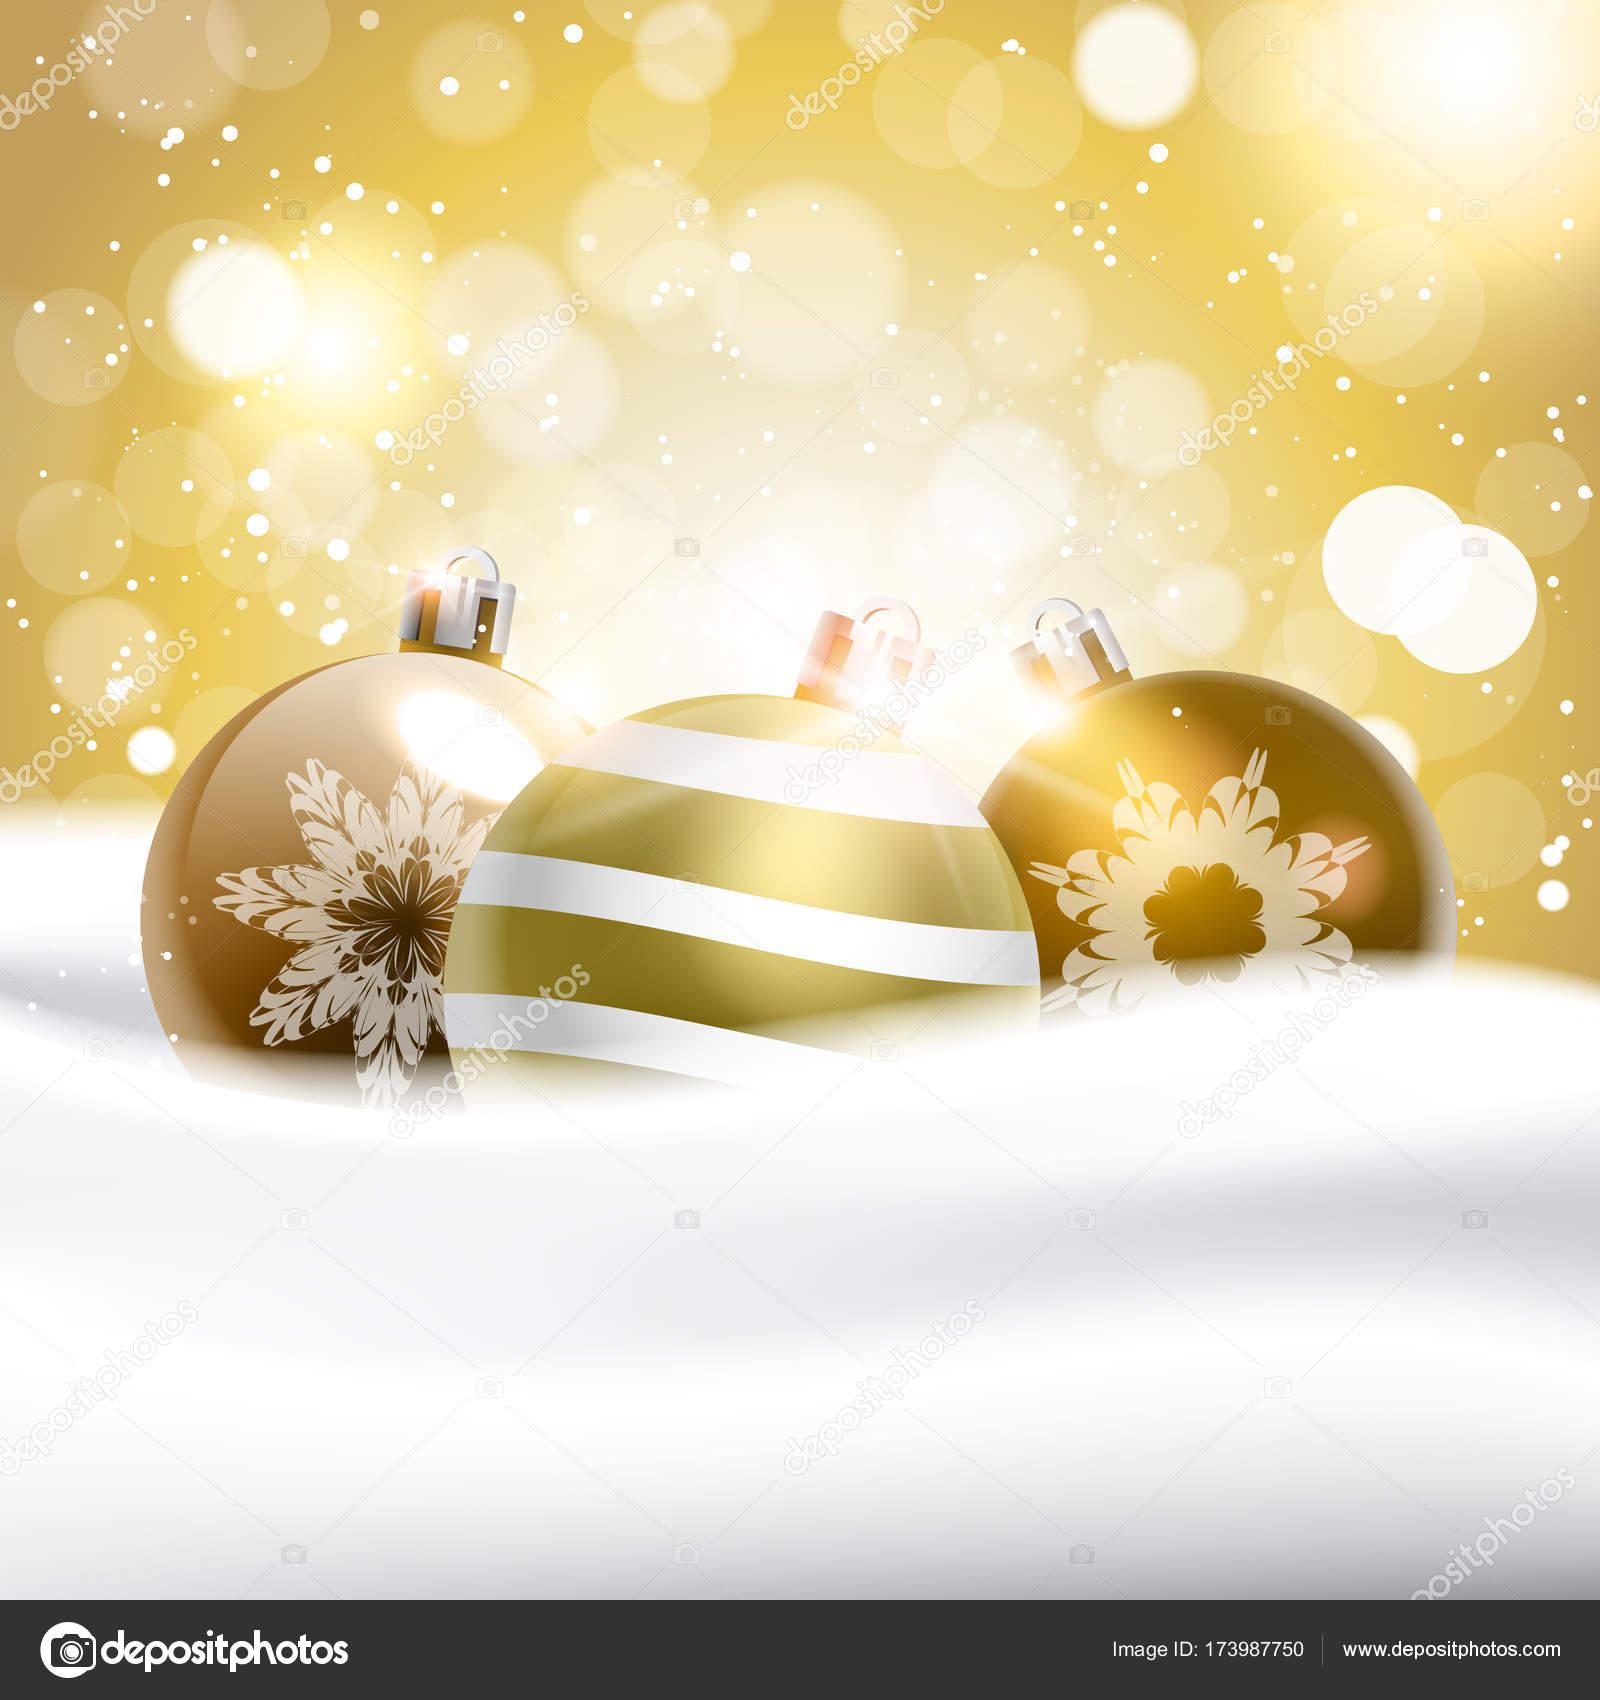 Goldene Weihnachtskugeln.Glänzende Goldene Weihnachtskugeln Im Schnee Urlaub Dekoration